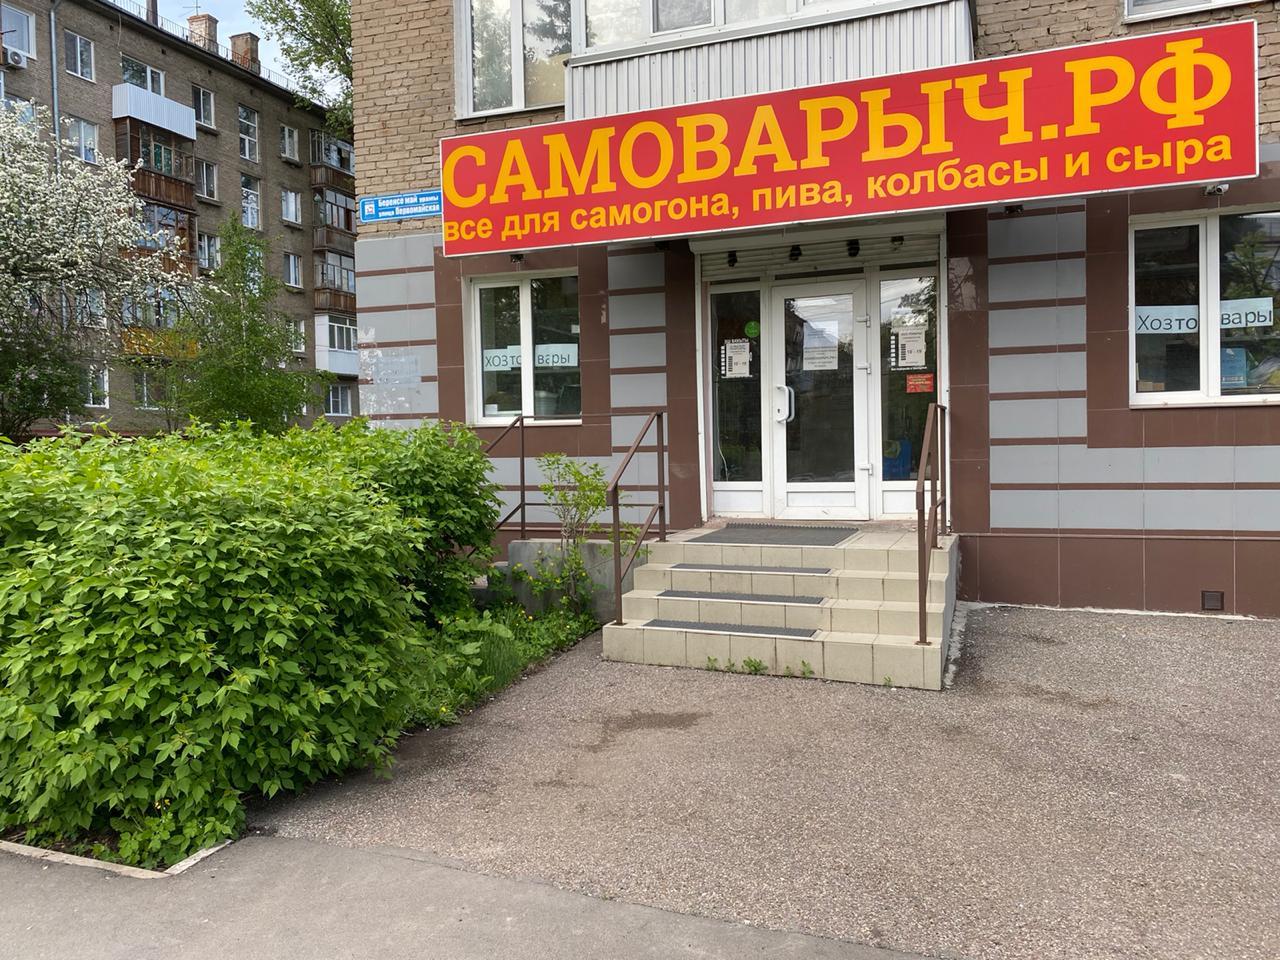 САМОВАРЫЧ.РФ  / Самогоныч.РФ ул. Первомайская 59, г. Уфа, РБ